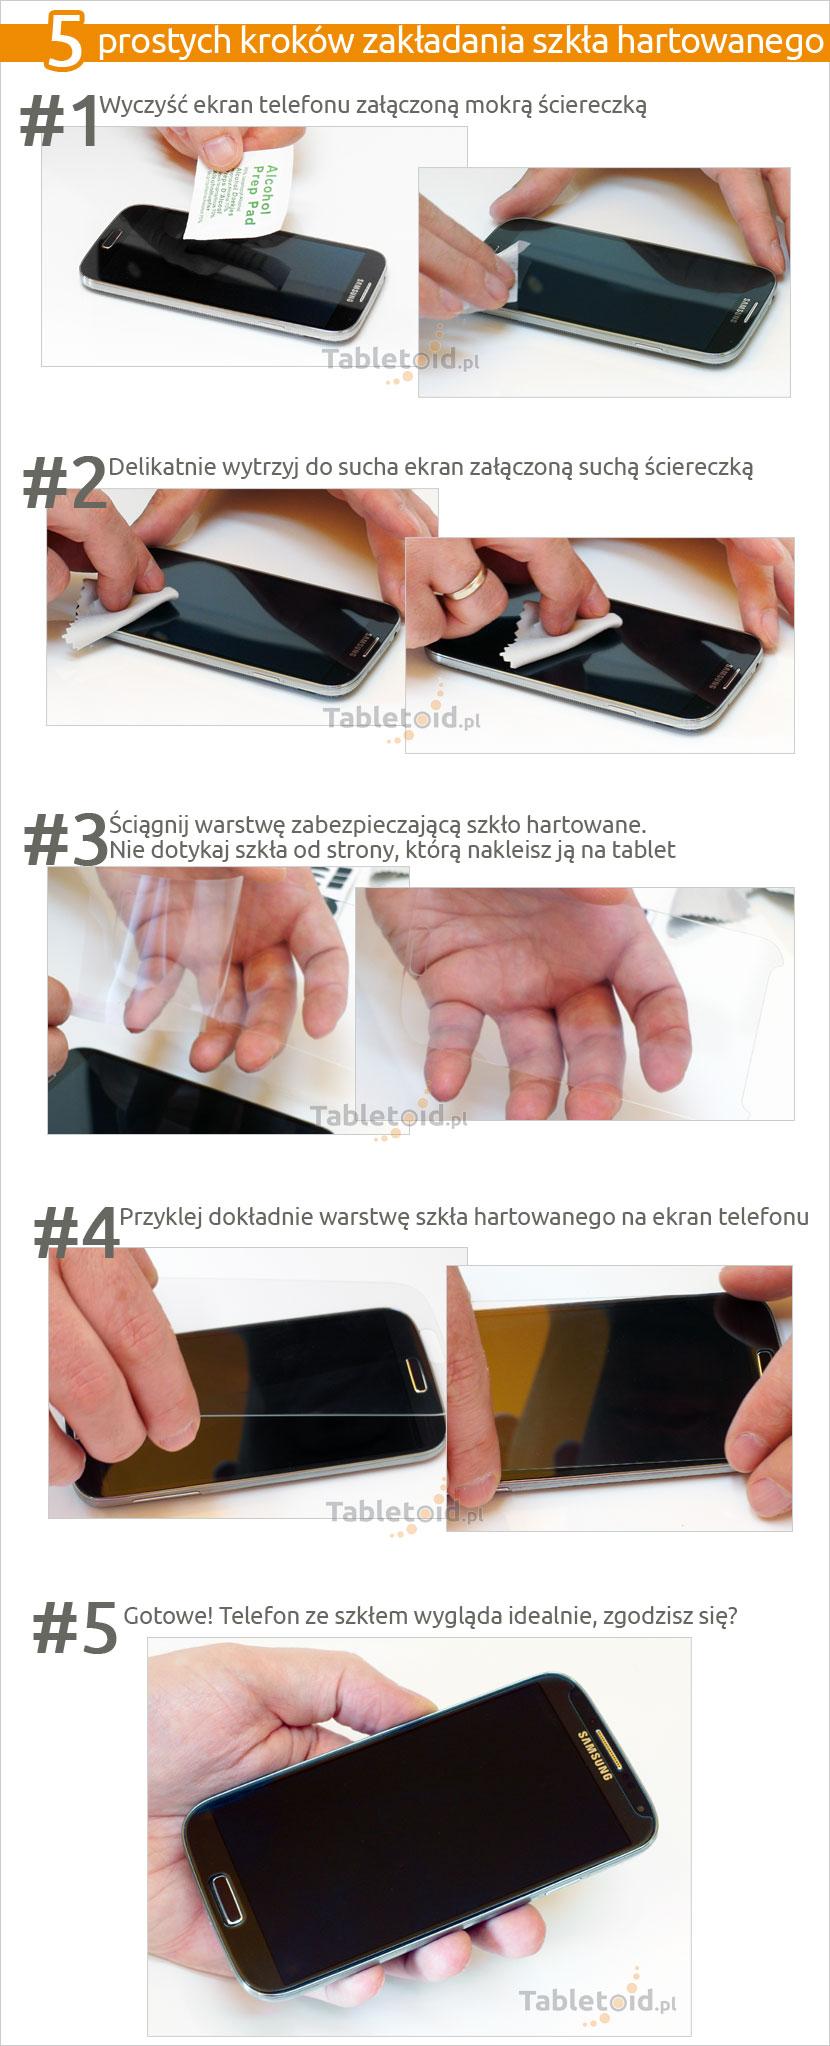 instrukcja zakładania szkła hartowanego na telefon dotykowy